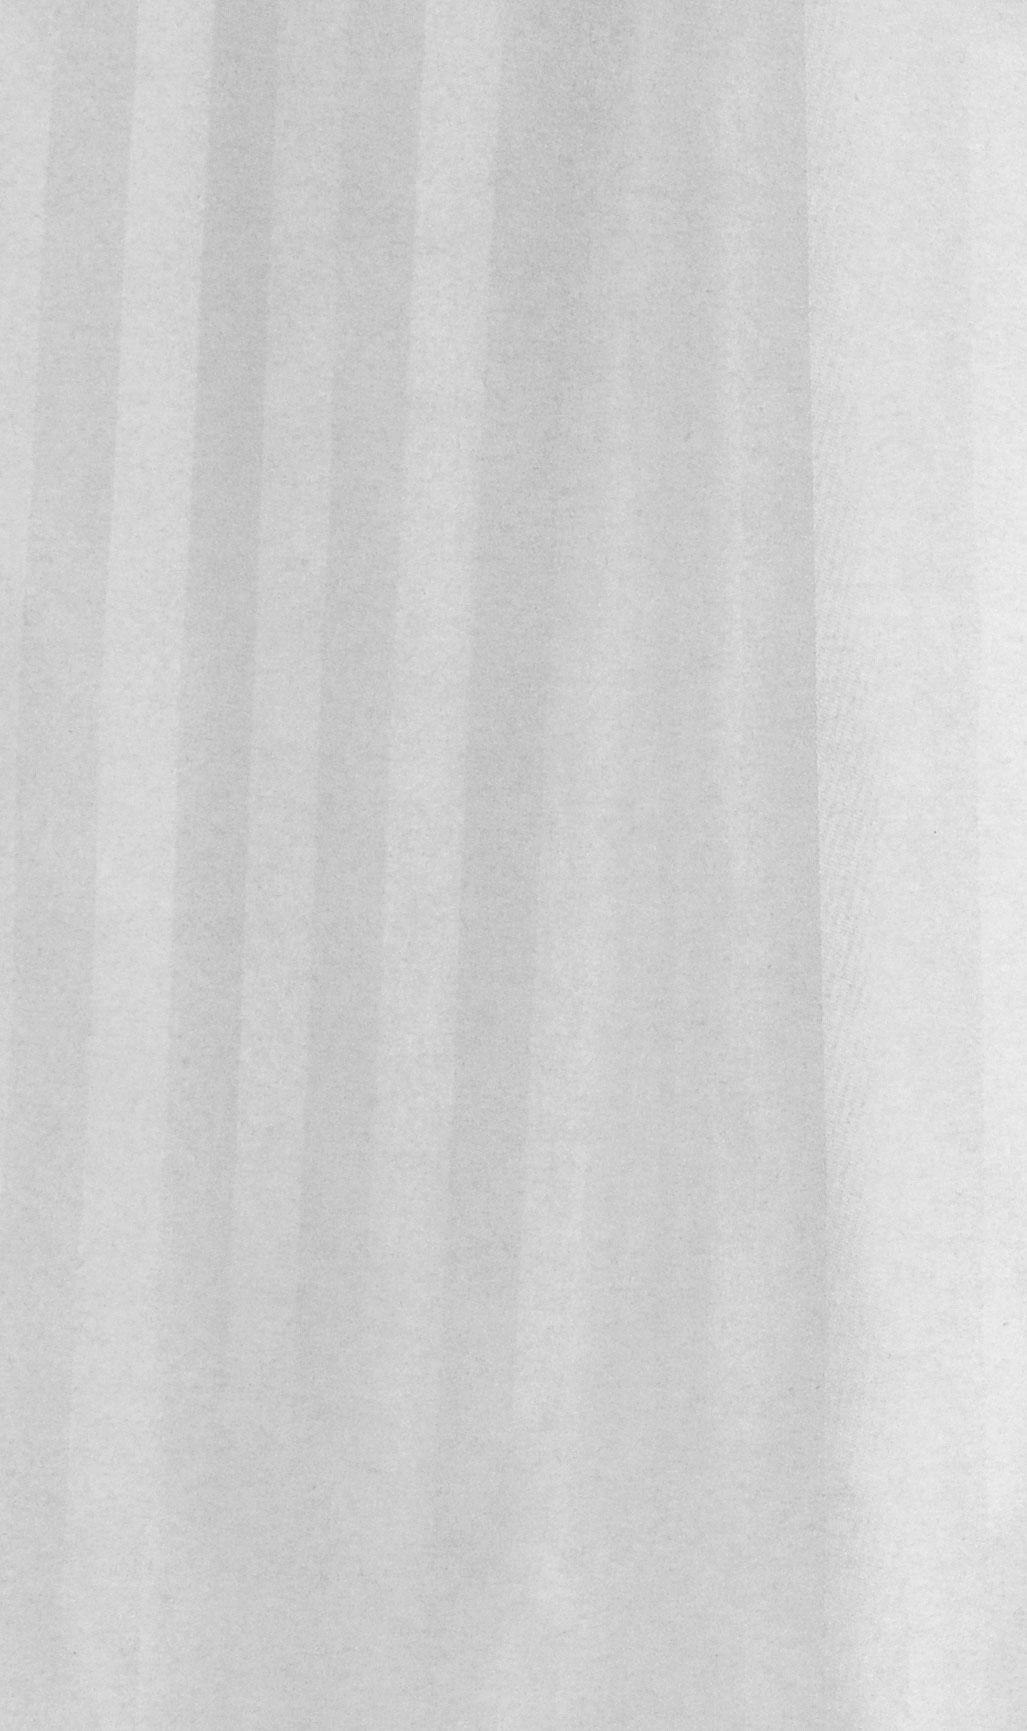 Штора для ванной комнаты White Fox Полоска, цвет: белый, 180 см х 200 см391602Штора для ванной комнаты White Fox Полоска выполнена из полиэстера с водоотталкивающей и антибактериальной пропиткой. В нижний край вшит утяжелитель змейка, который обладает большой гибкостью и не теряет своих свойств после стирки. Штора оформлена узором в полоску. В комплекте прилагаются 12 фигурных пластиковых колец в форме С.Штора для ванной комнаты White Fox Полоска удобна и проста в уходе. Можно стирать при температуре не выше +30°C и гладить при температуре до +110°C.Штора для ванной комнаты является прекрасным украшением для ванной комнаты и надежной защитой от разбрызгивания воды.